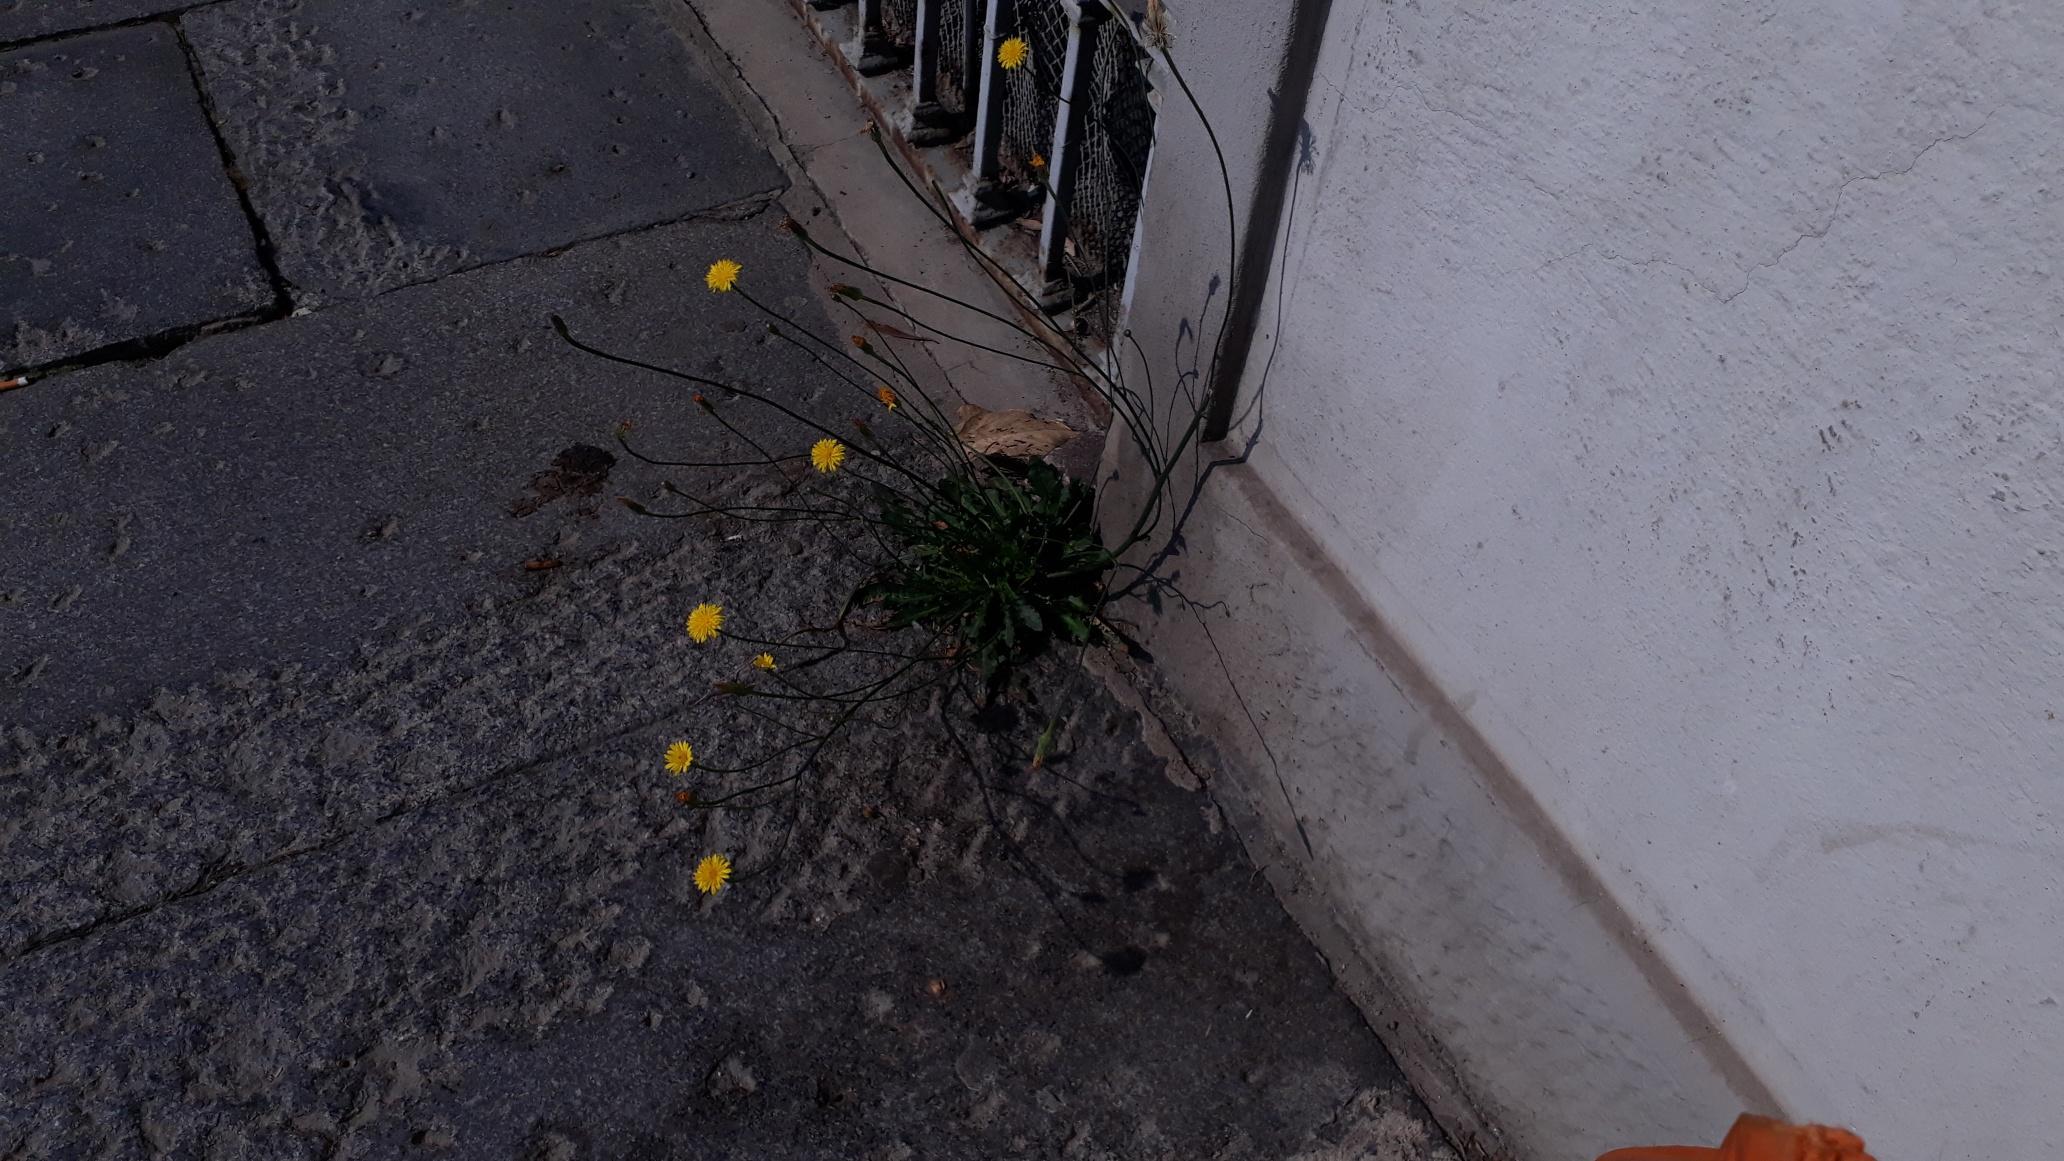 Maria Pace Nemola: Fiorellini selvatici negli interstizi di un marciapiede cittadino